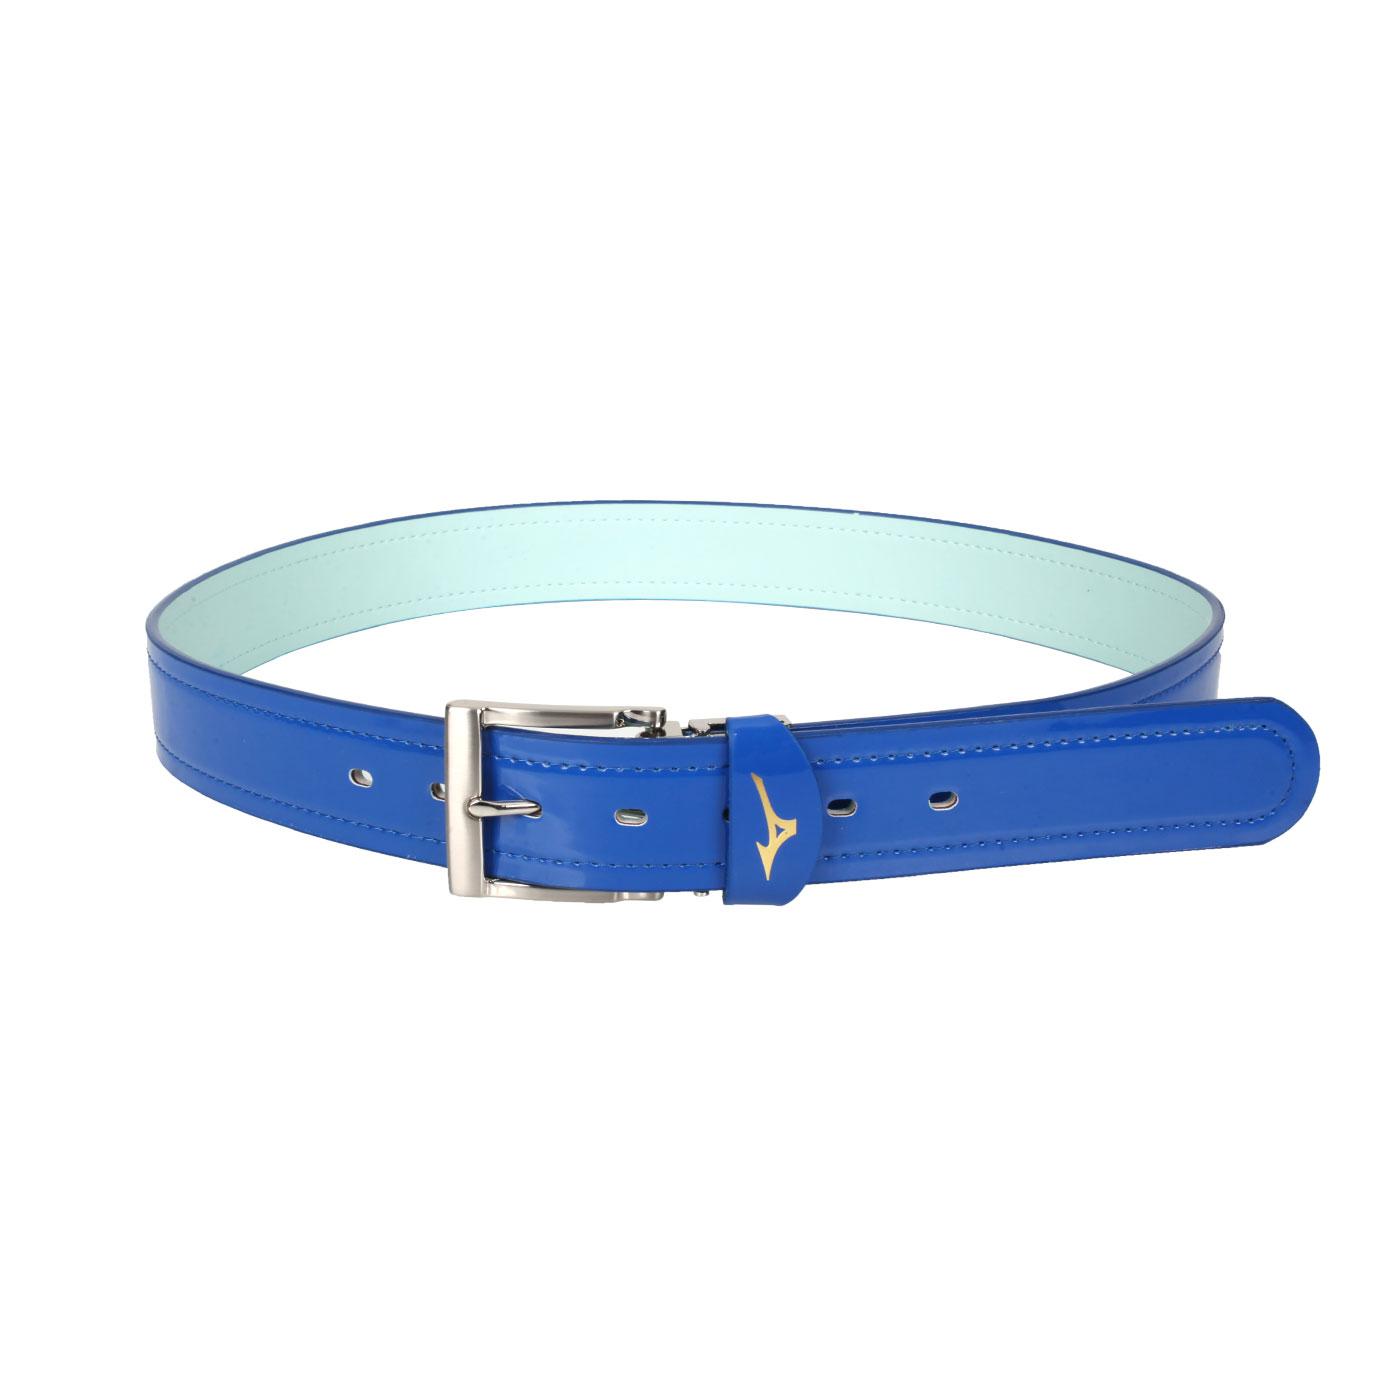 MIZUNO 棒壘皮帶 12TY0V0022 - 藍白